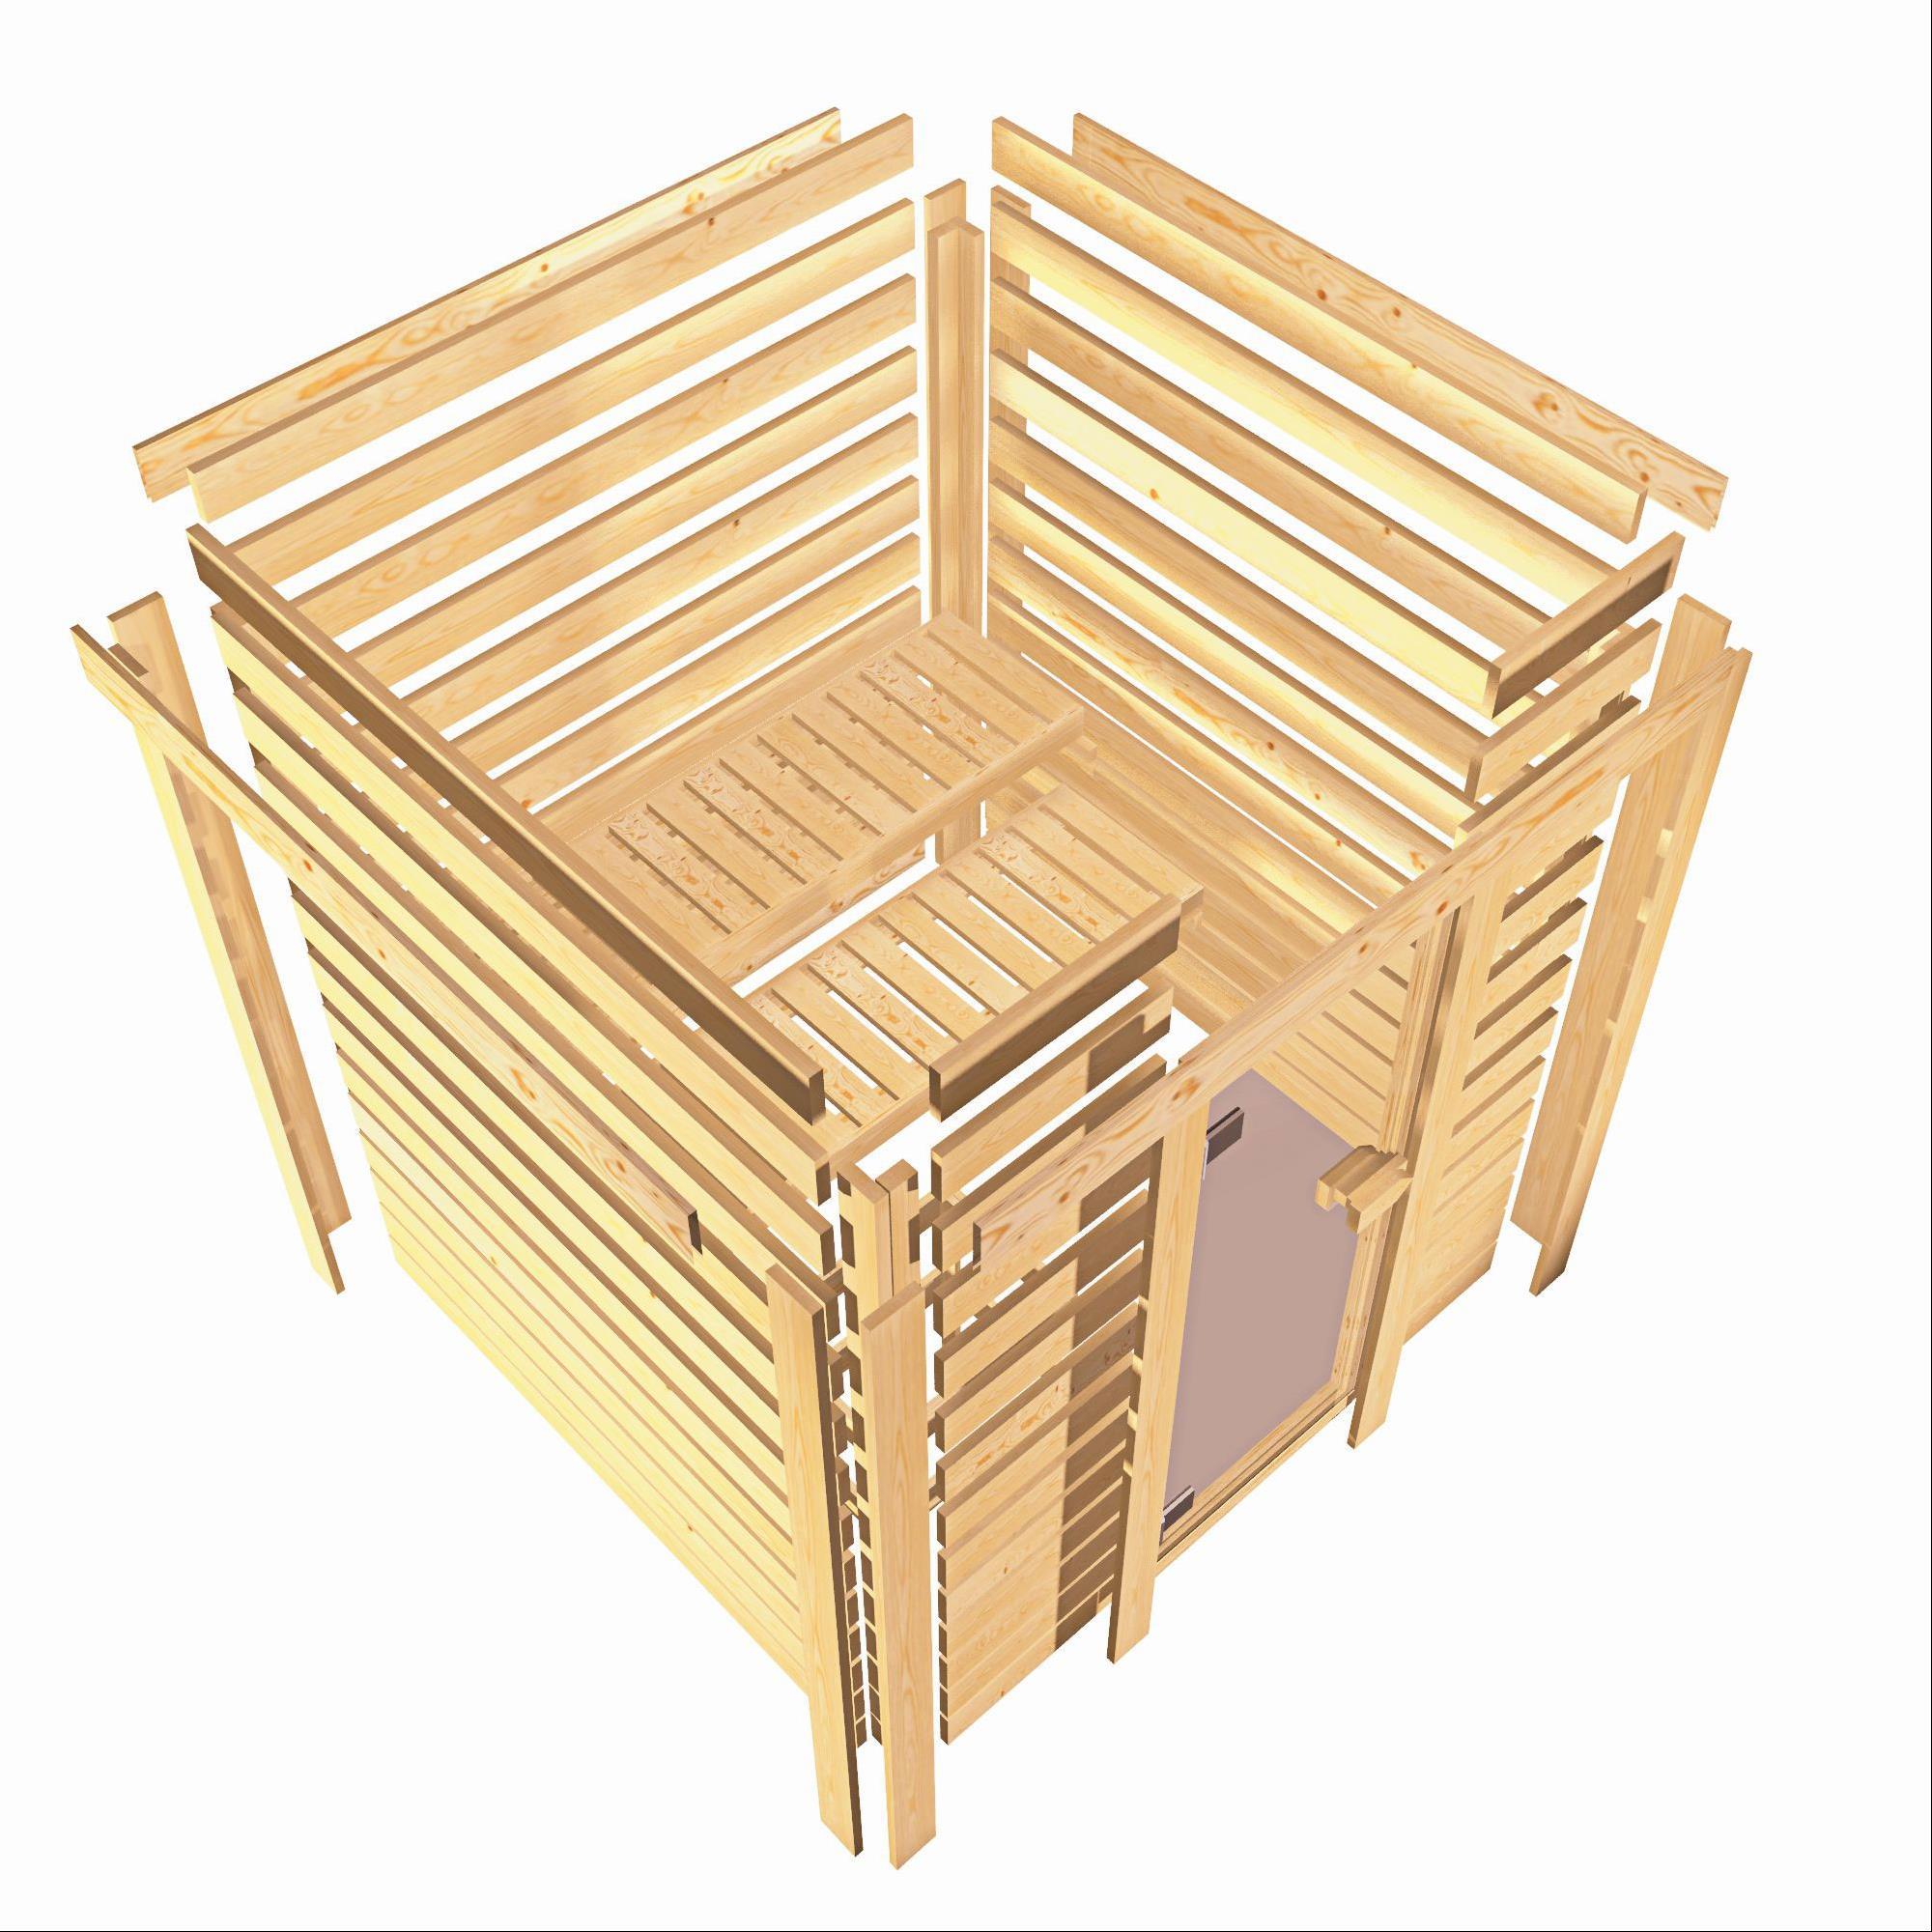 Woodfeeling Sauna Franka 38mm Saunaofen 9kW intern Kranz Klarglas Tür Bild 4